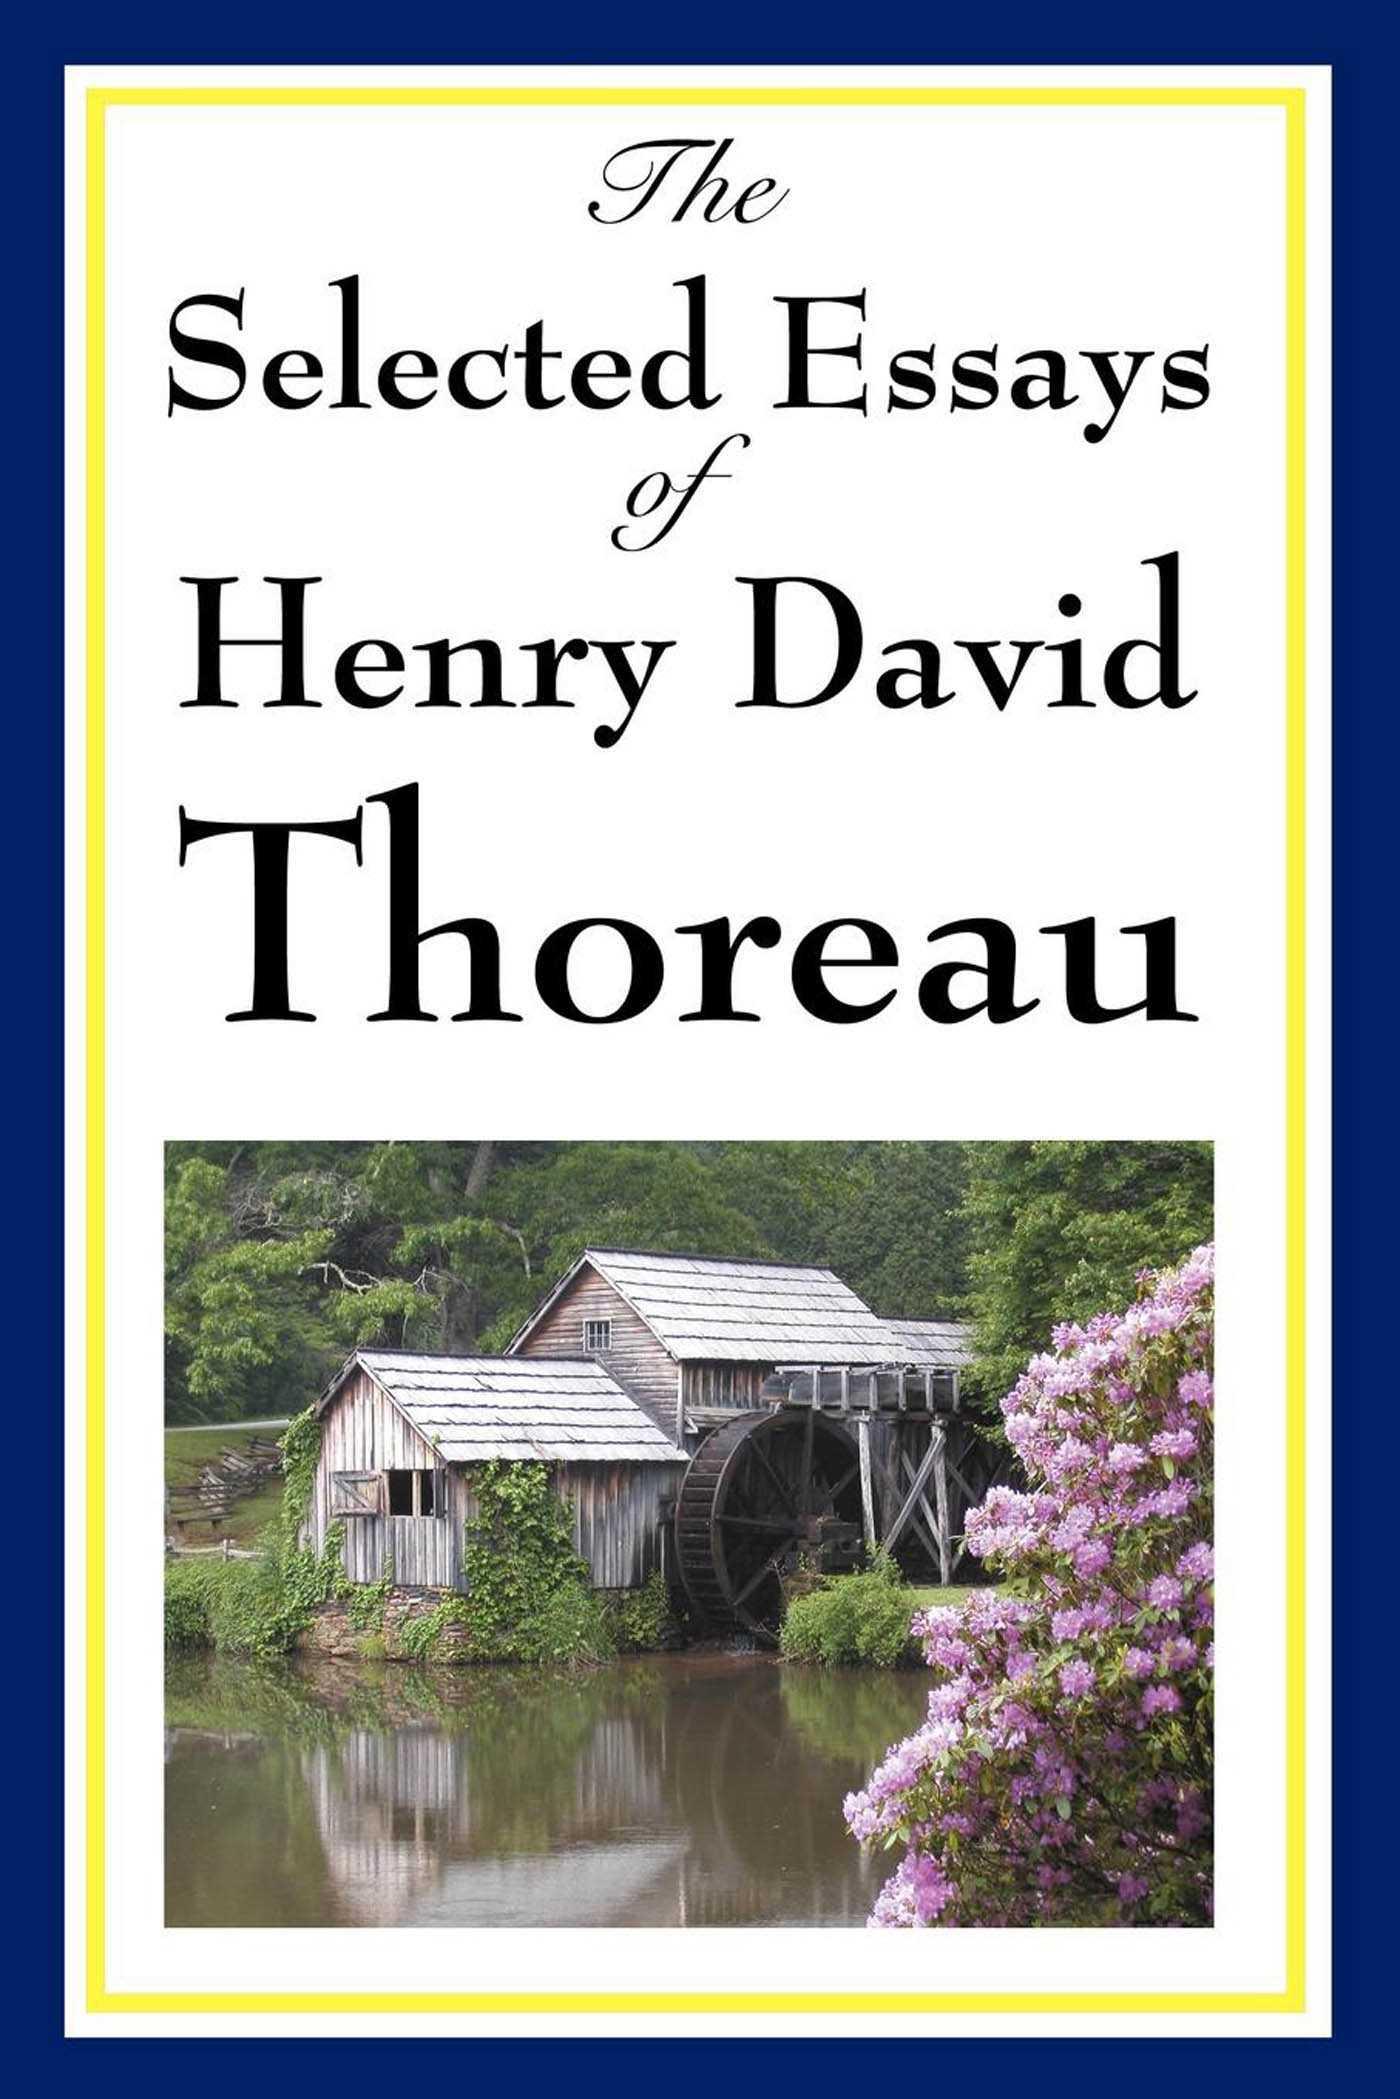 essay on henry david thoreau